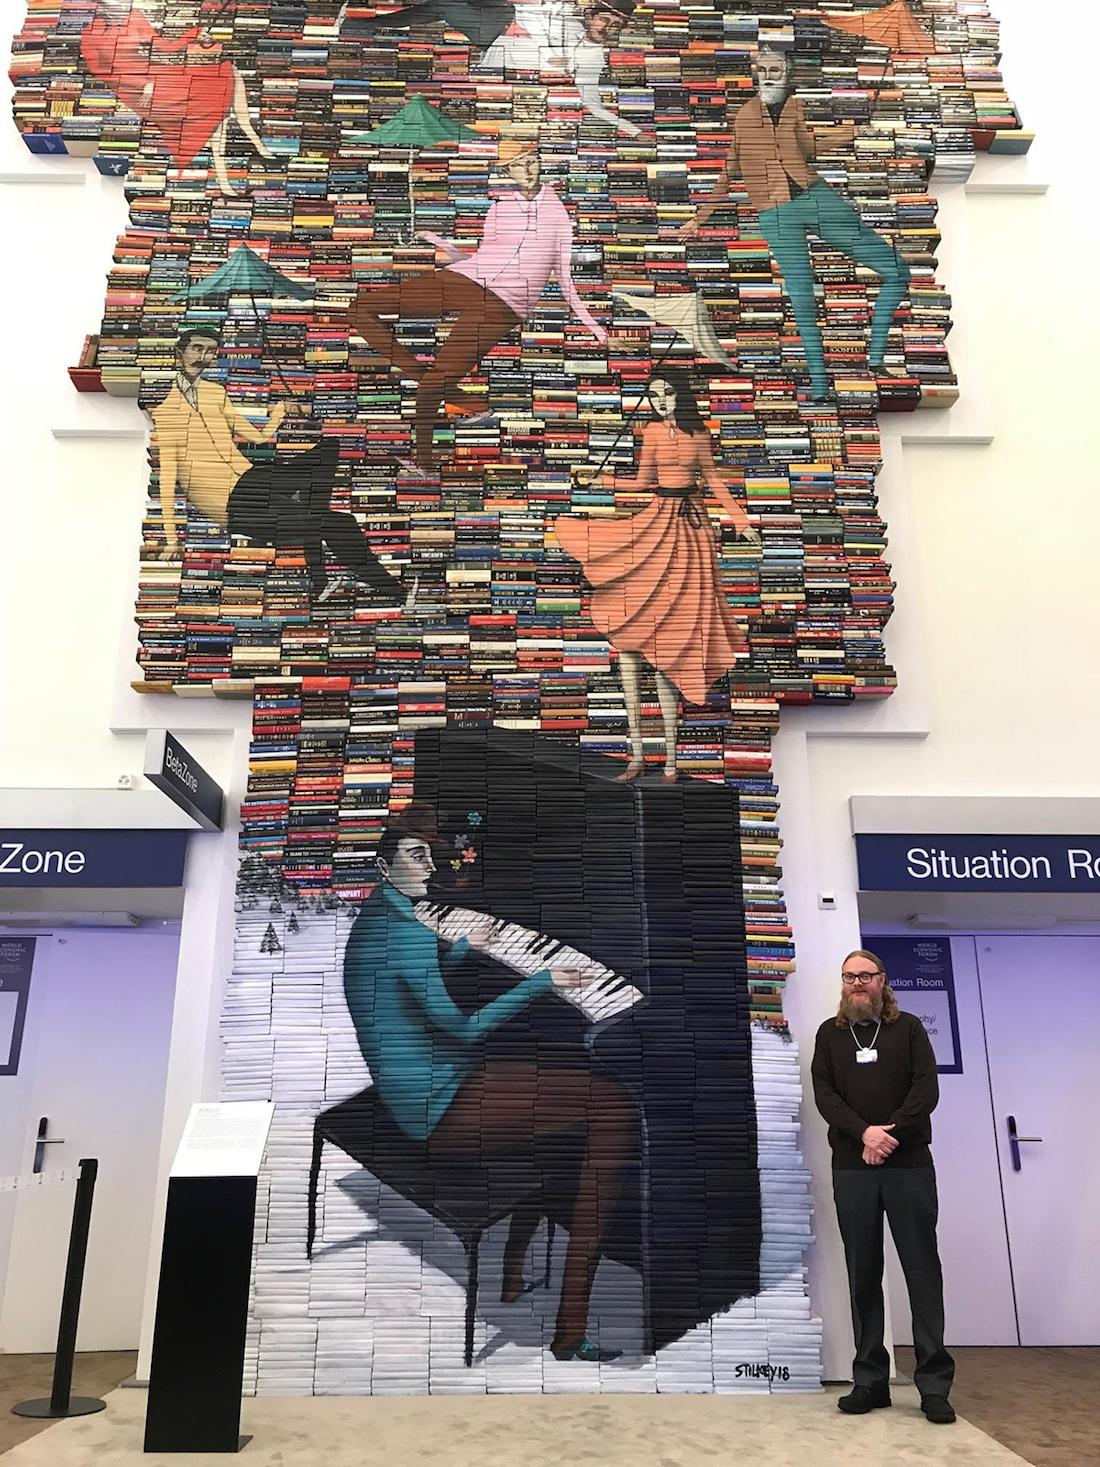 Mike Stilkey escultura de libros arte con libros